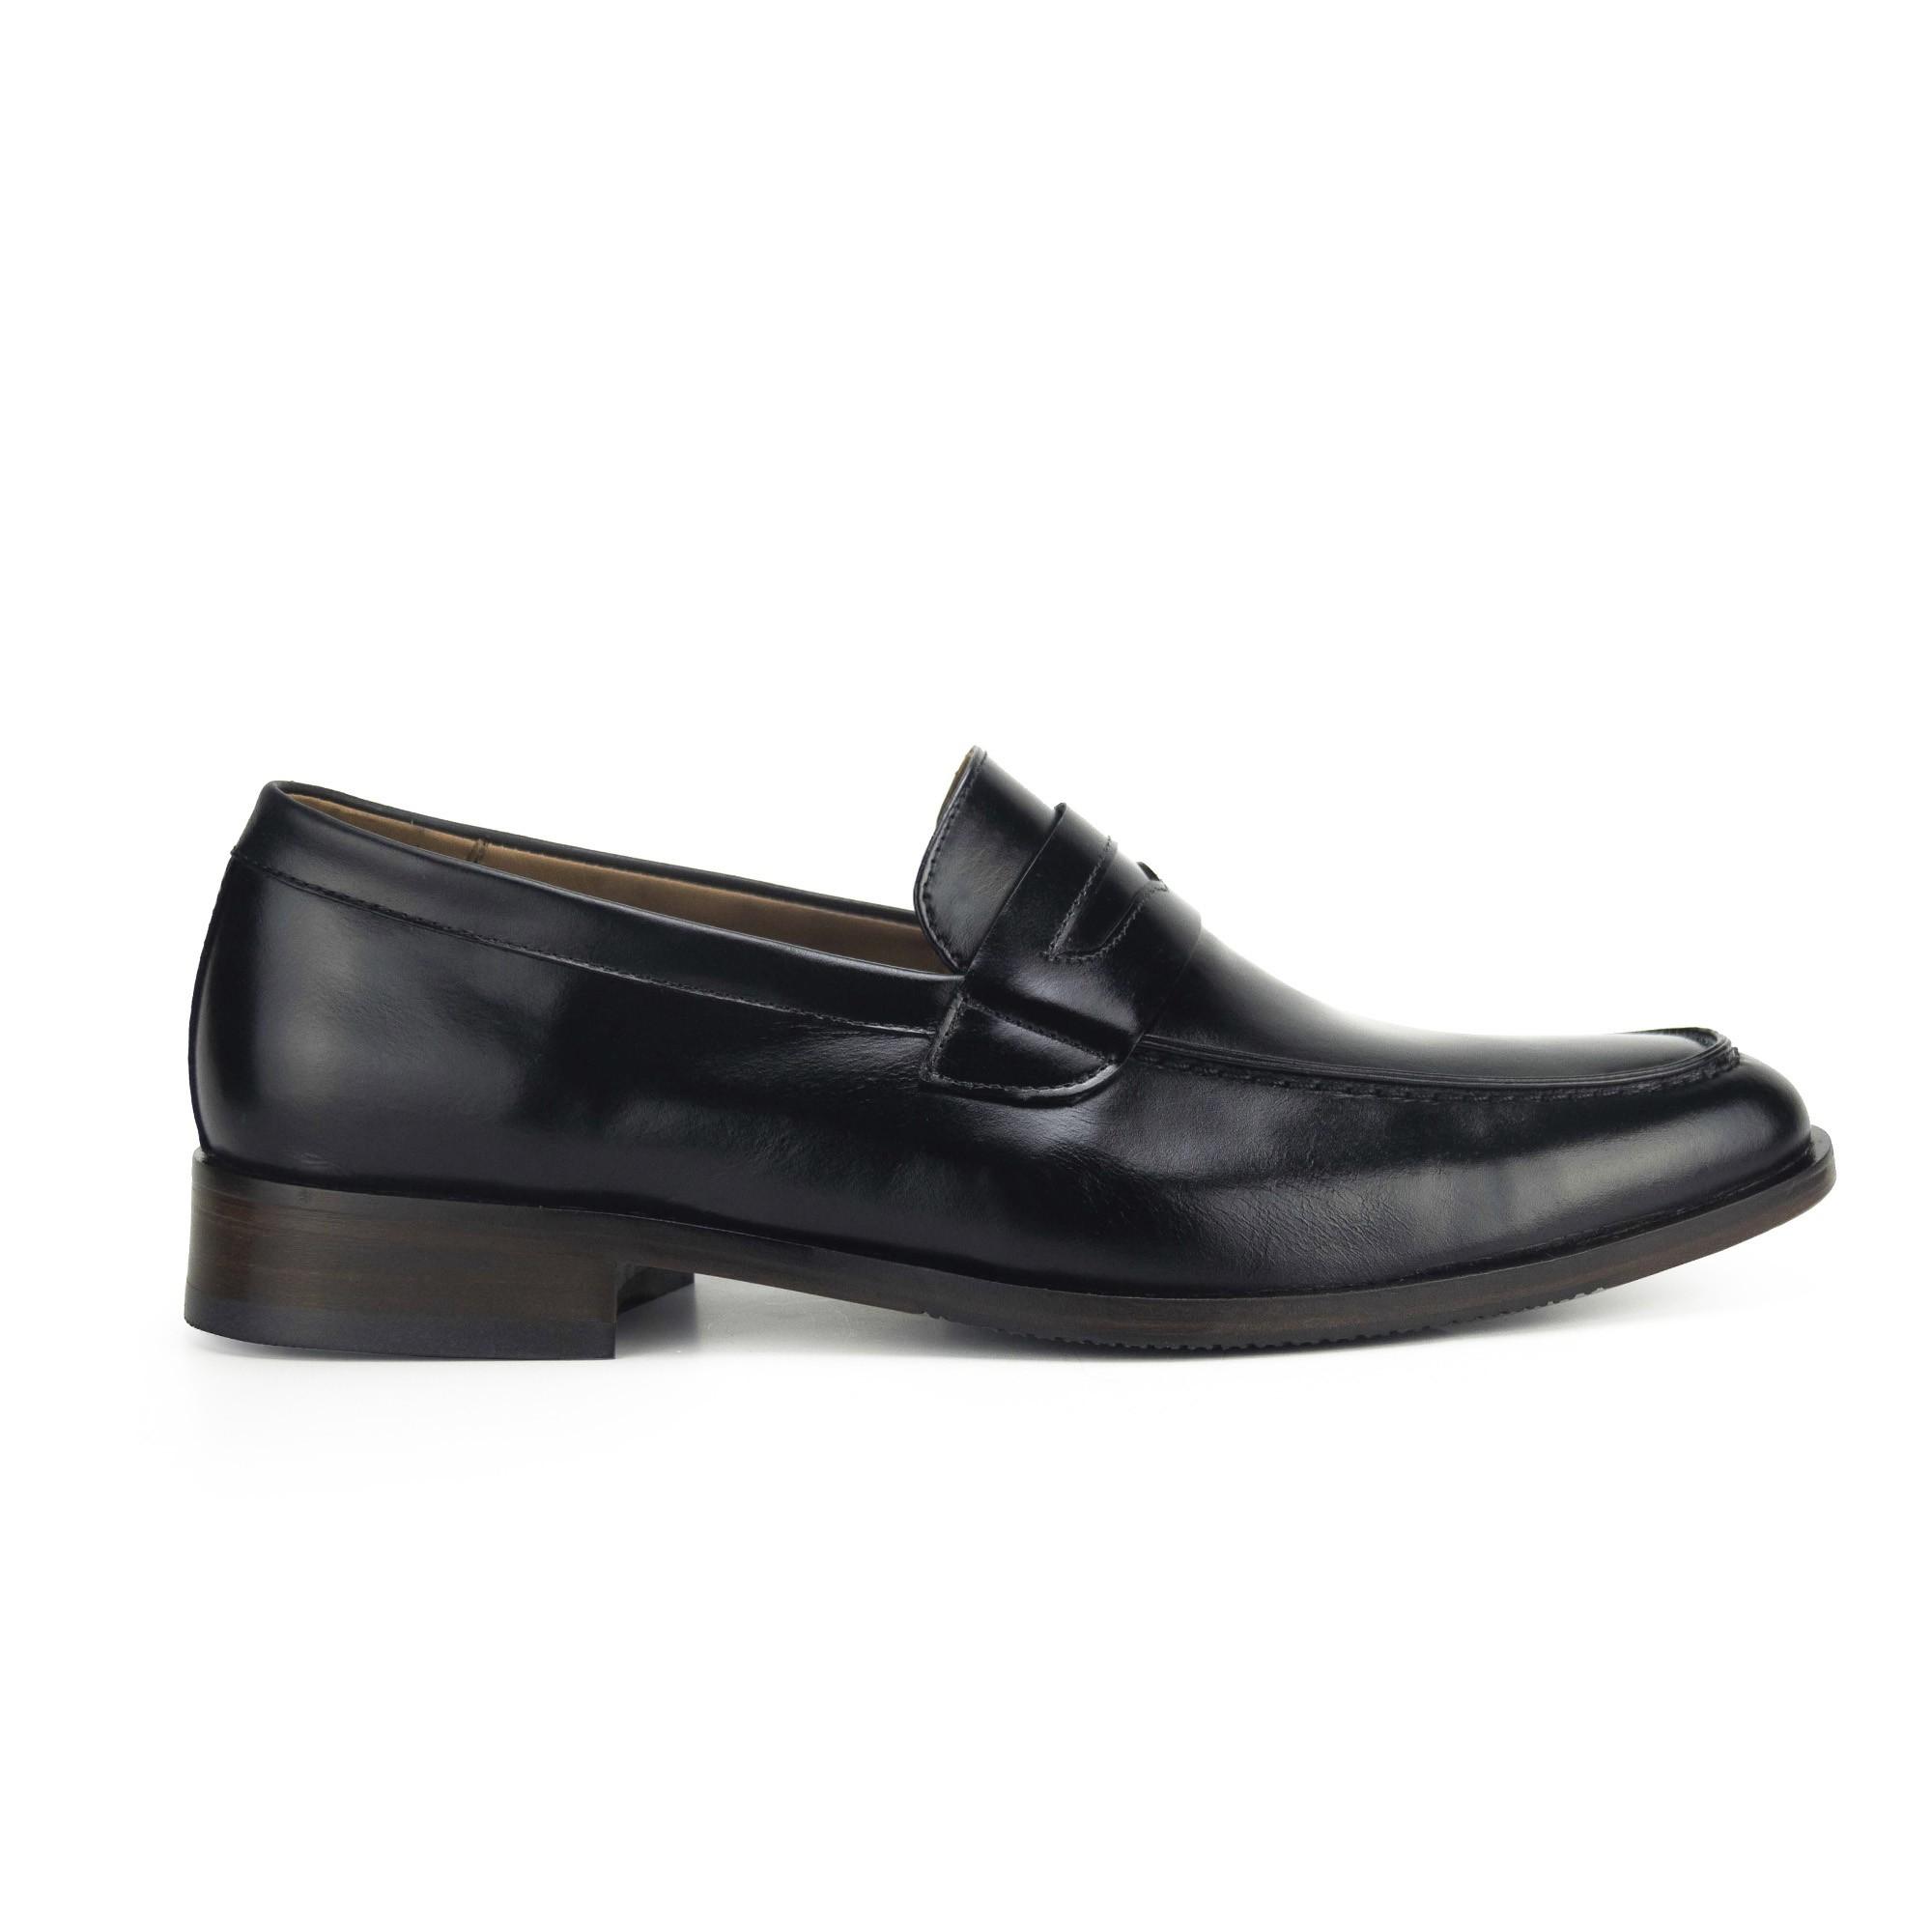 Sapato Loafer Masculino Preto Monbran Dressy